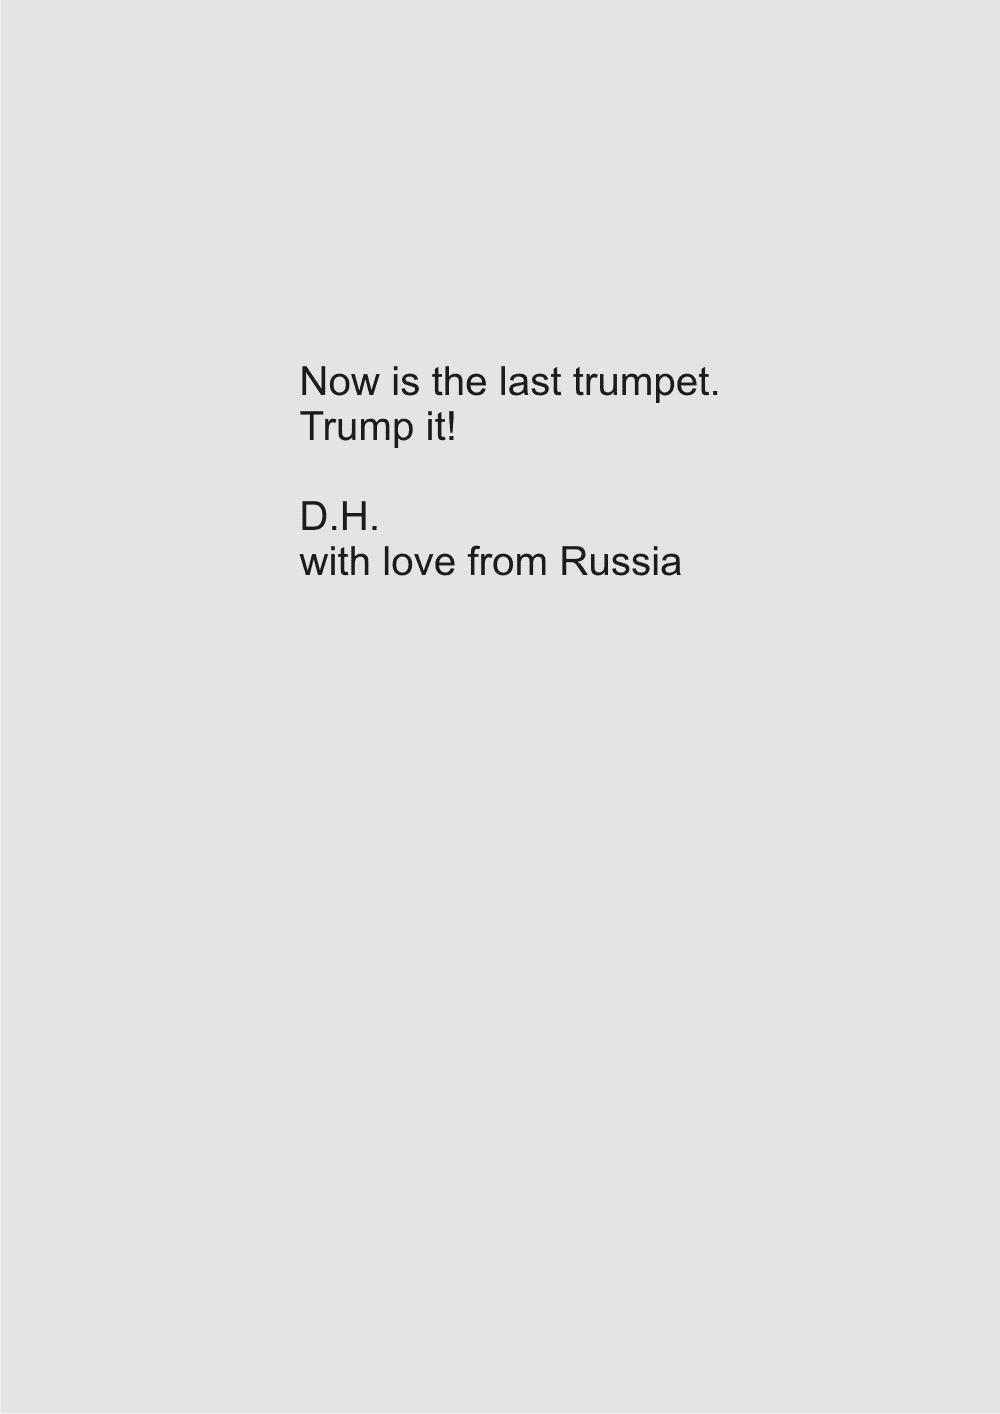 trump_it.png